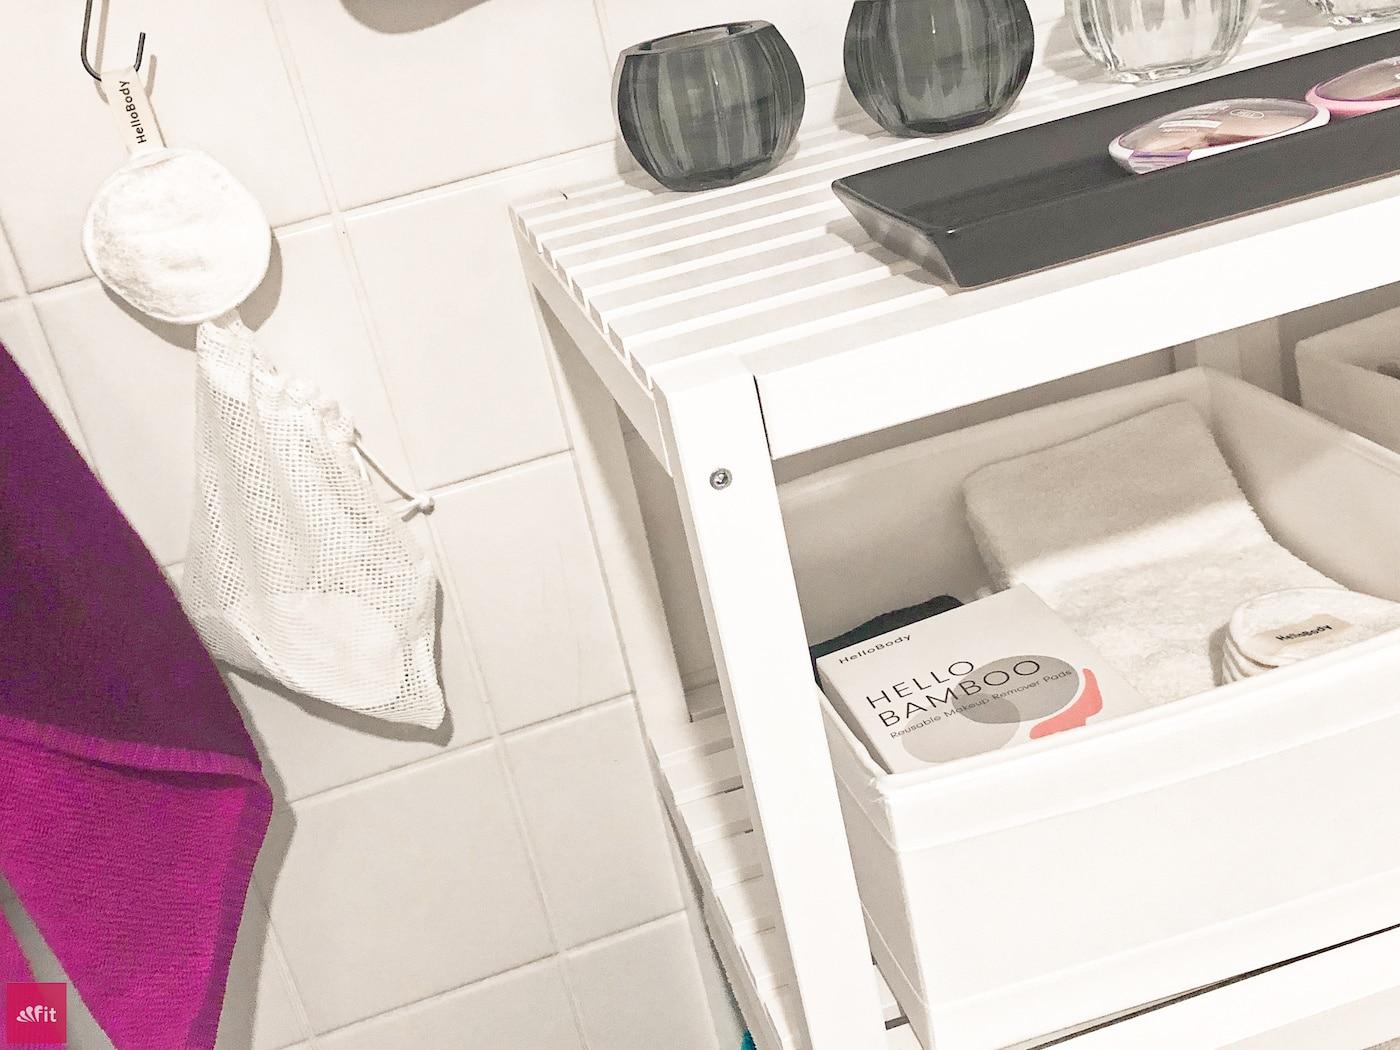 Die Anwendung der Pads ist sehr einfach und sie sind sehr angenehm. Sie nehmen den Gesichtsreiniger, den Toner das flüssige AHA-Gesichtspeeling oder das Mizellenwasser sehr gut auf, aber geben es auch den Großteil der Menge wieder an die Haut ab.Also super Empfehlung. Auch wasserfestes Make Up geht mit Hilfe des Sarah's Choice ab. Nach dem Waschen sind die kleinen Pads (größer als herkömmliche Pads) wieder sauber. Allerdings musst du die kleinen Knäulchen im nassen Zustand schon mal zum Trocken glatt streichen.